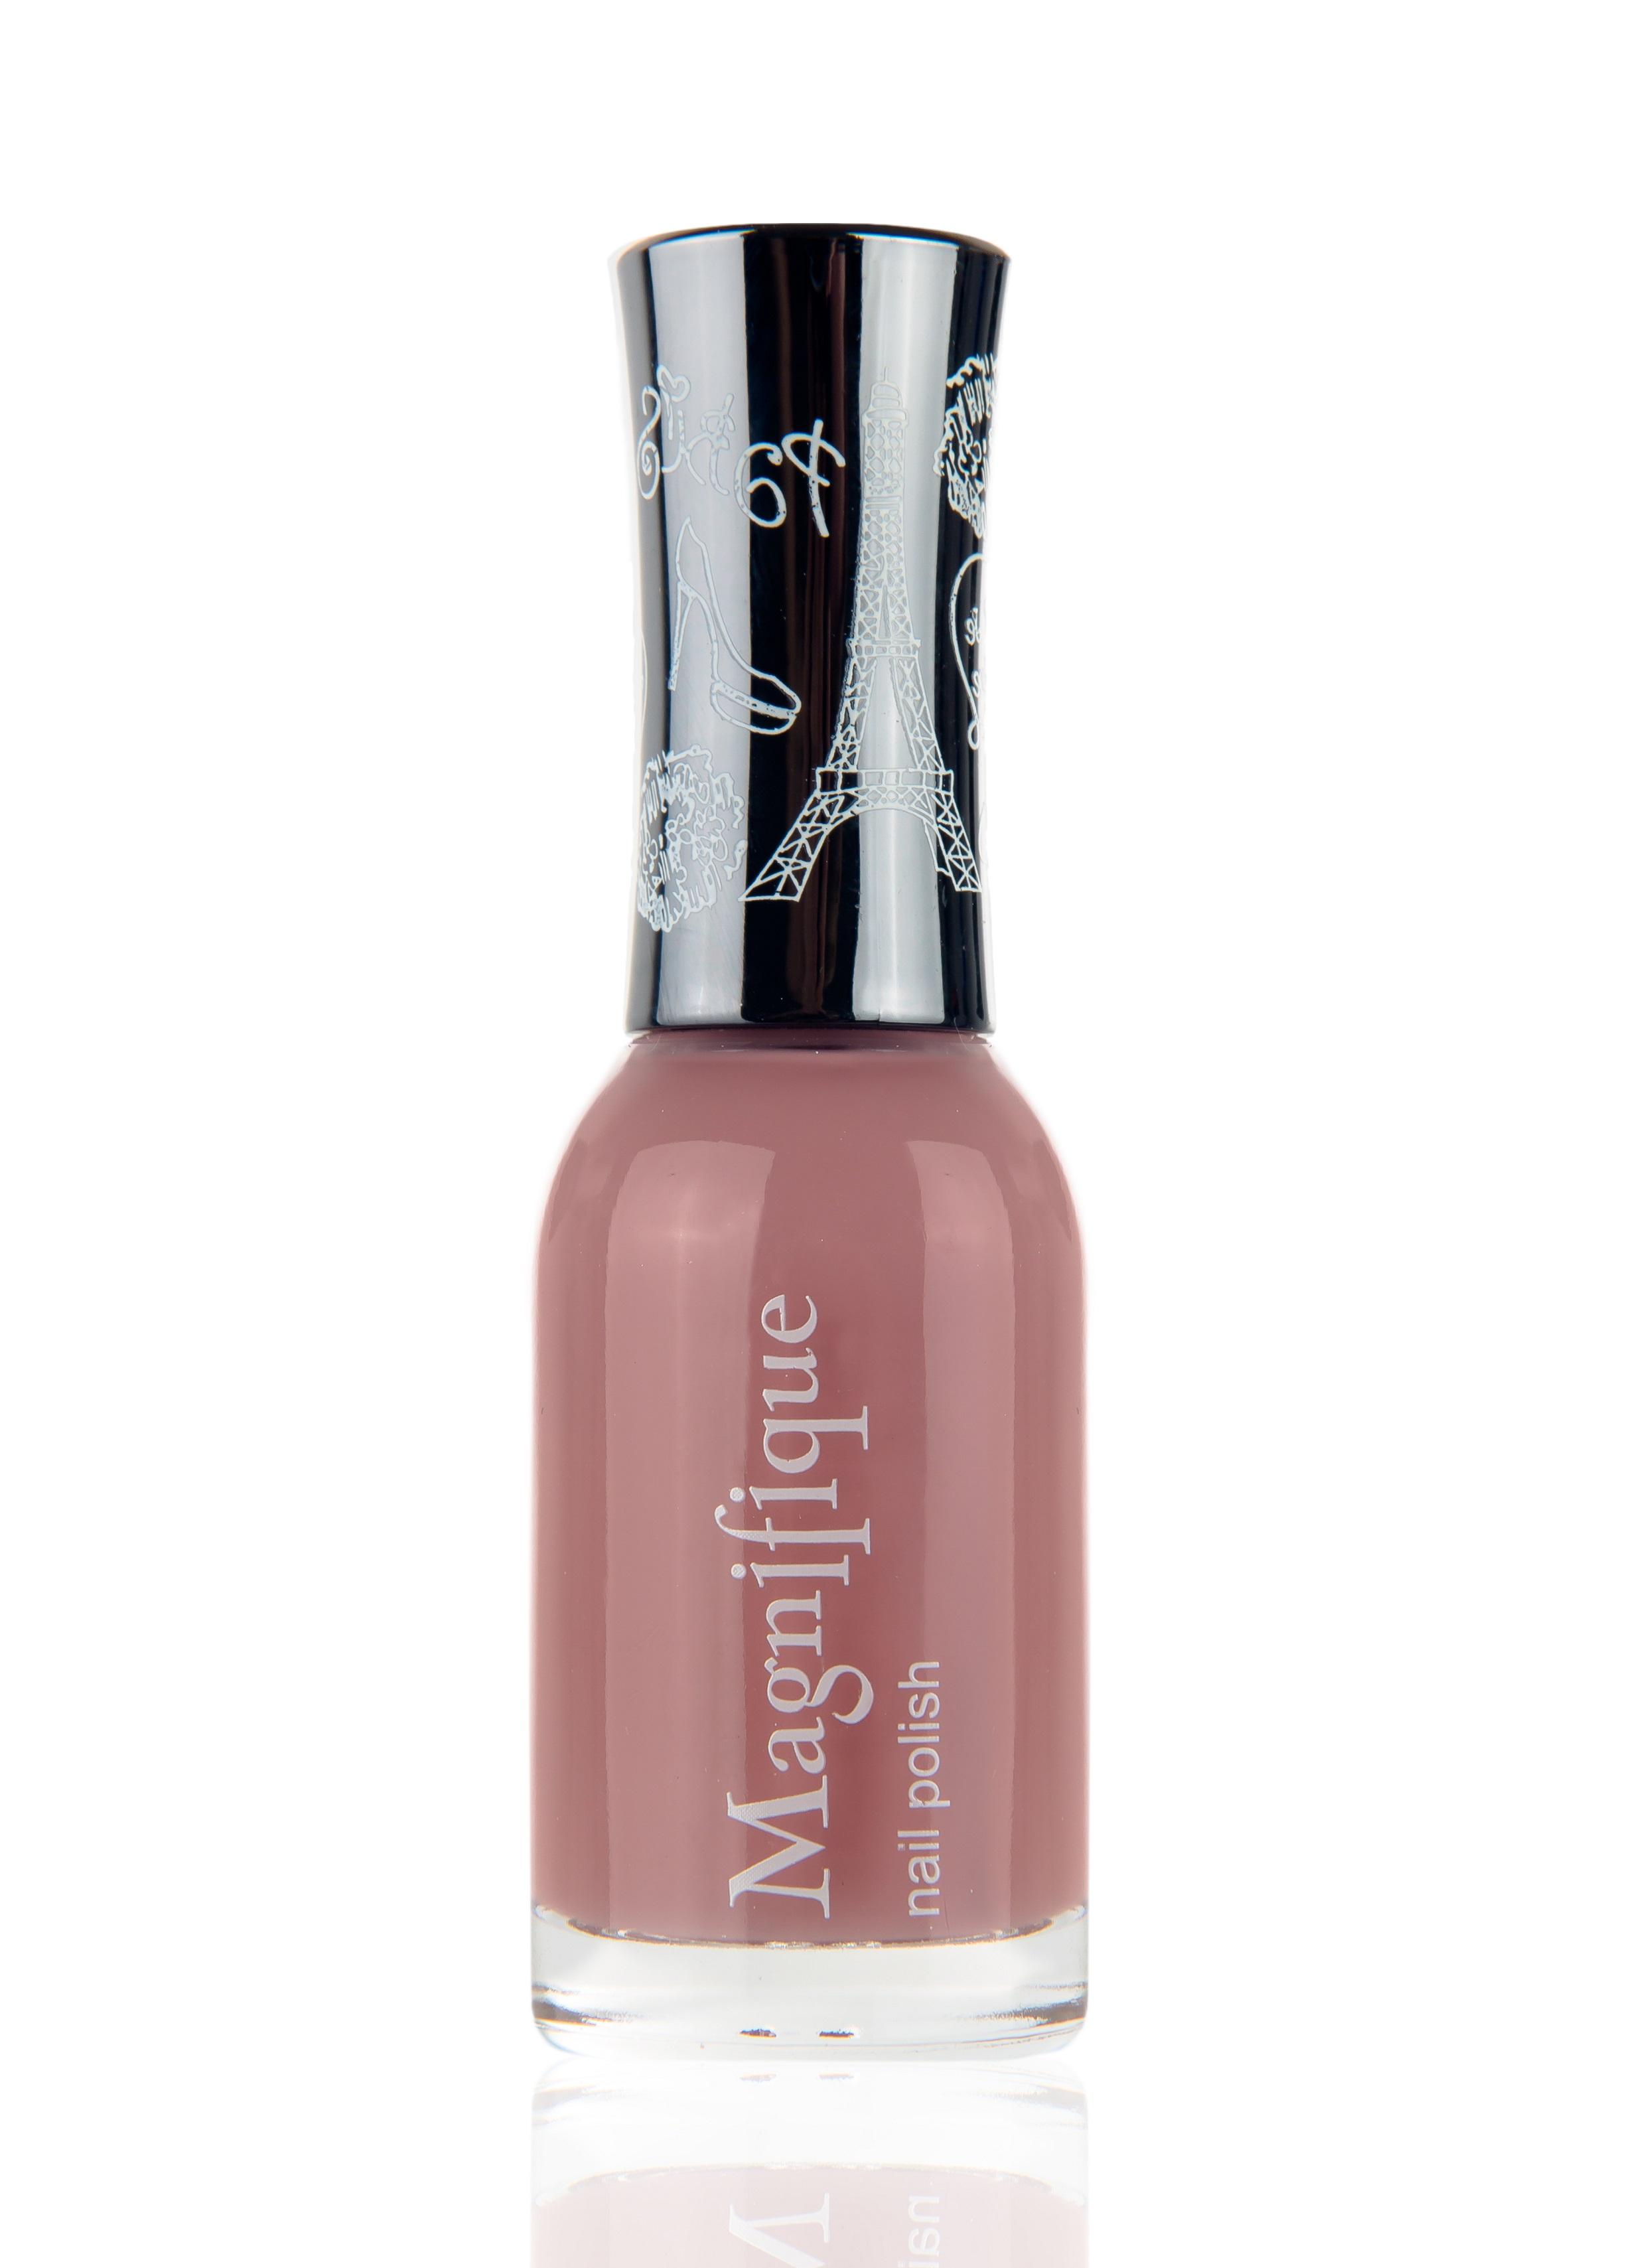 Купить AURELIA 106 лак для ногтей / Magnifique GEL effect 13 мл